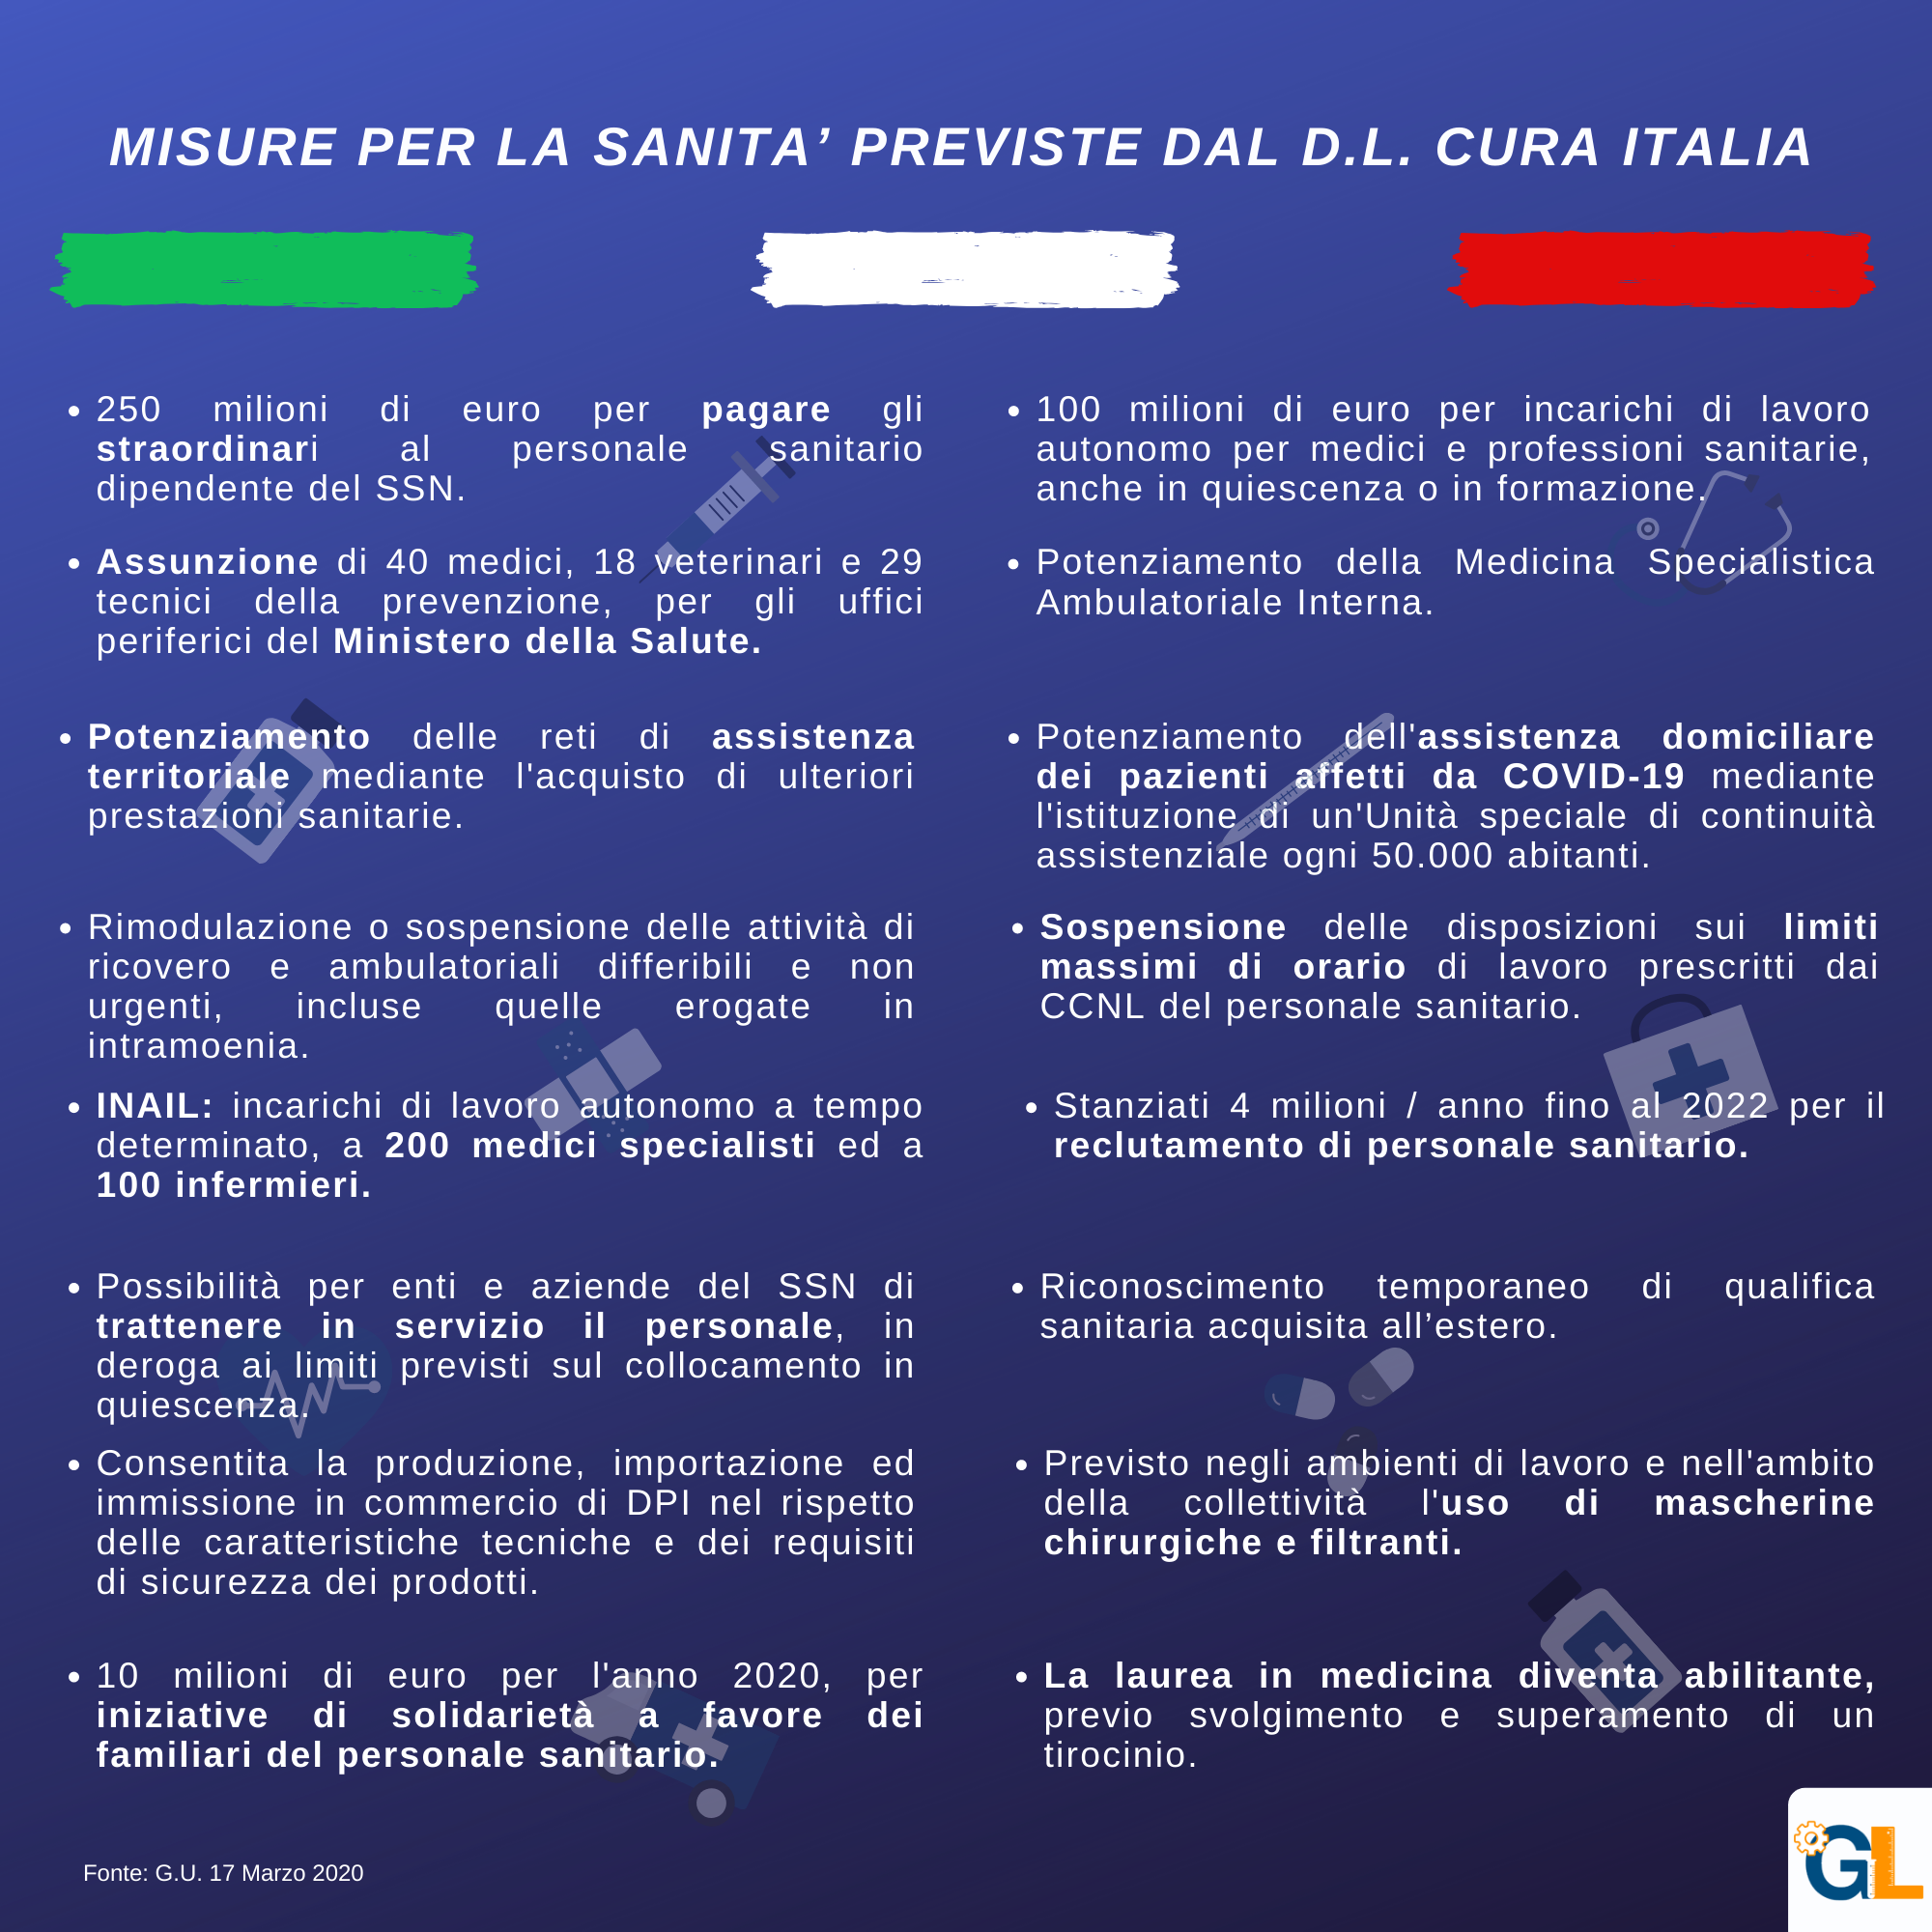 Infografica misure Cura Italia - Sanità